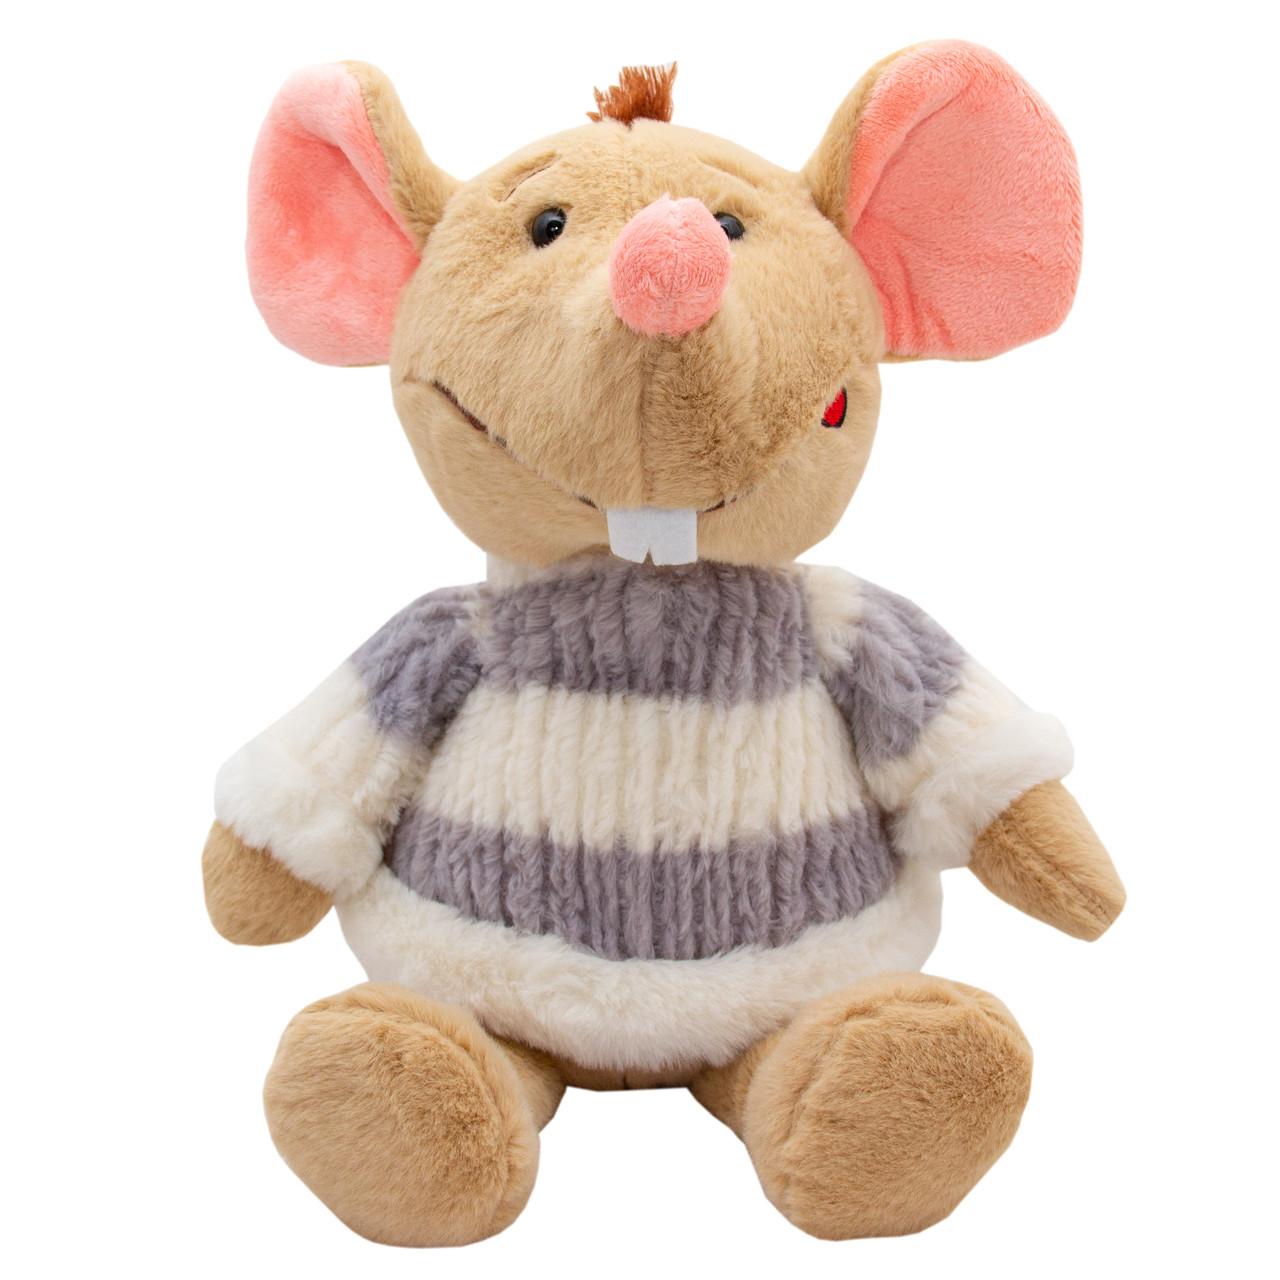 М'яка іграшка - щур у светрі біло-сірому, 29 см, бежевий, штучне хутро (M1810029B-2)